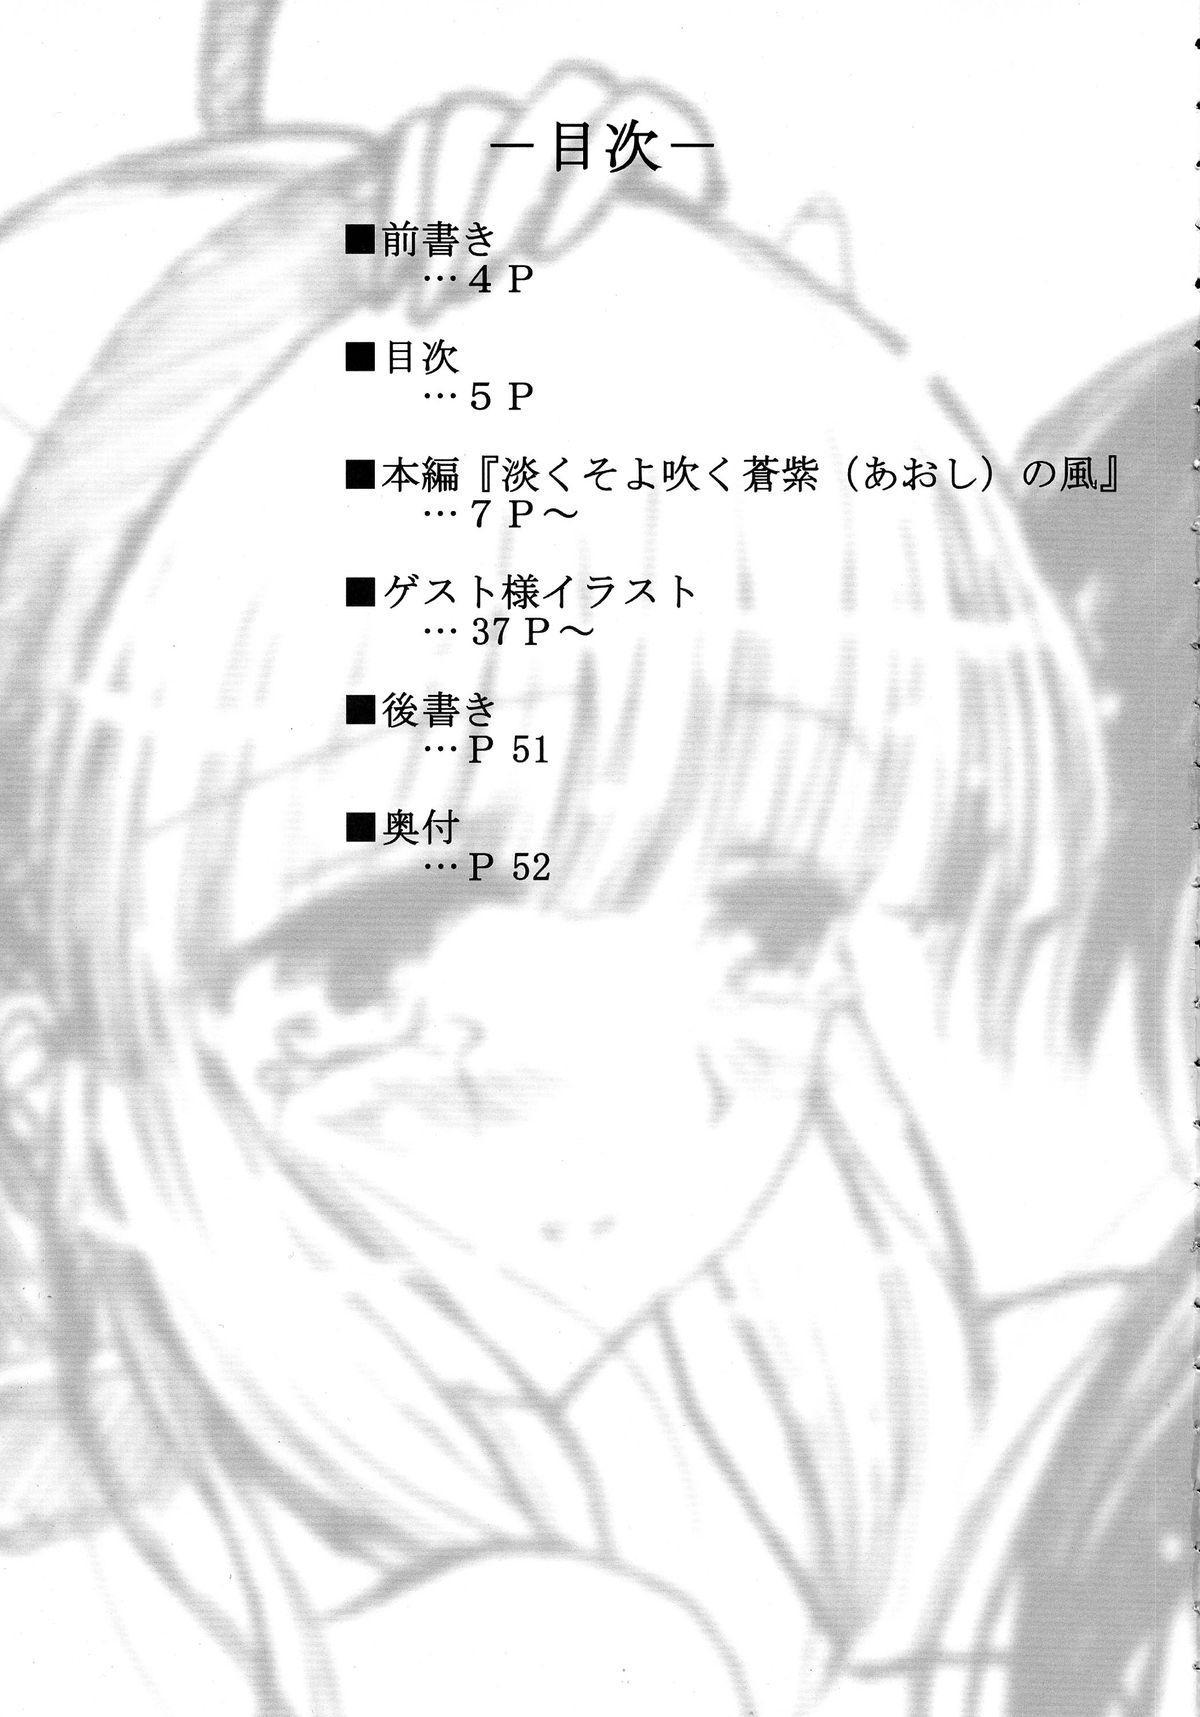 Awaku Soyofuku Ao Murasaki no Kaze 5